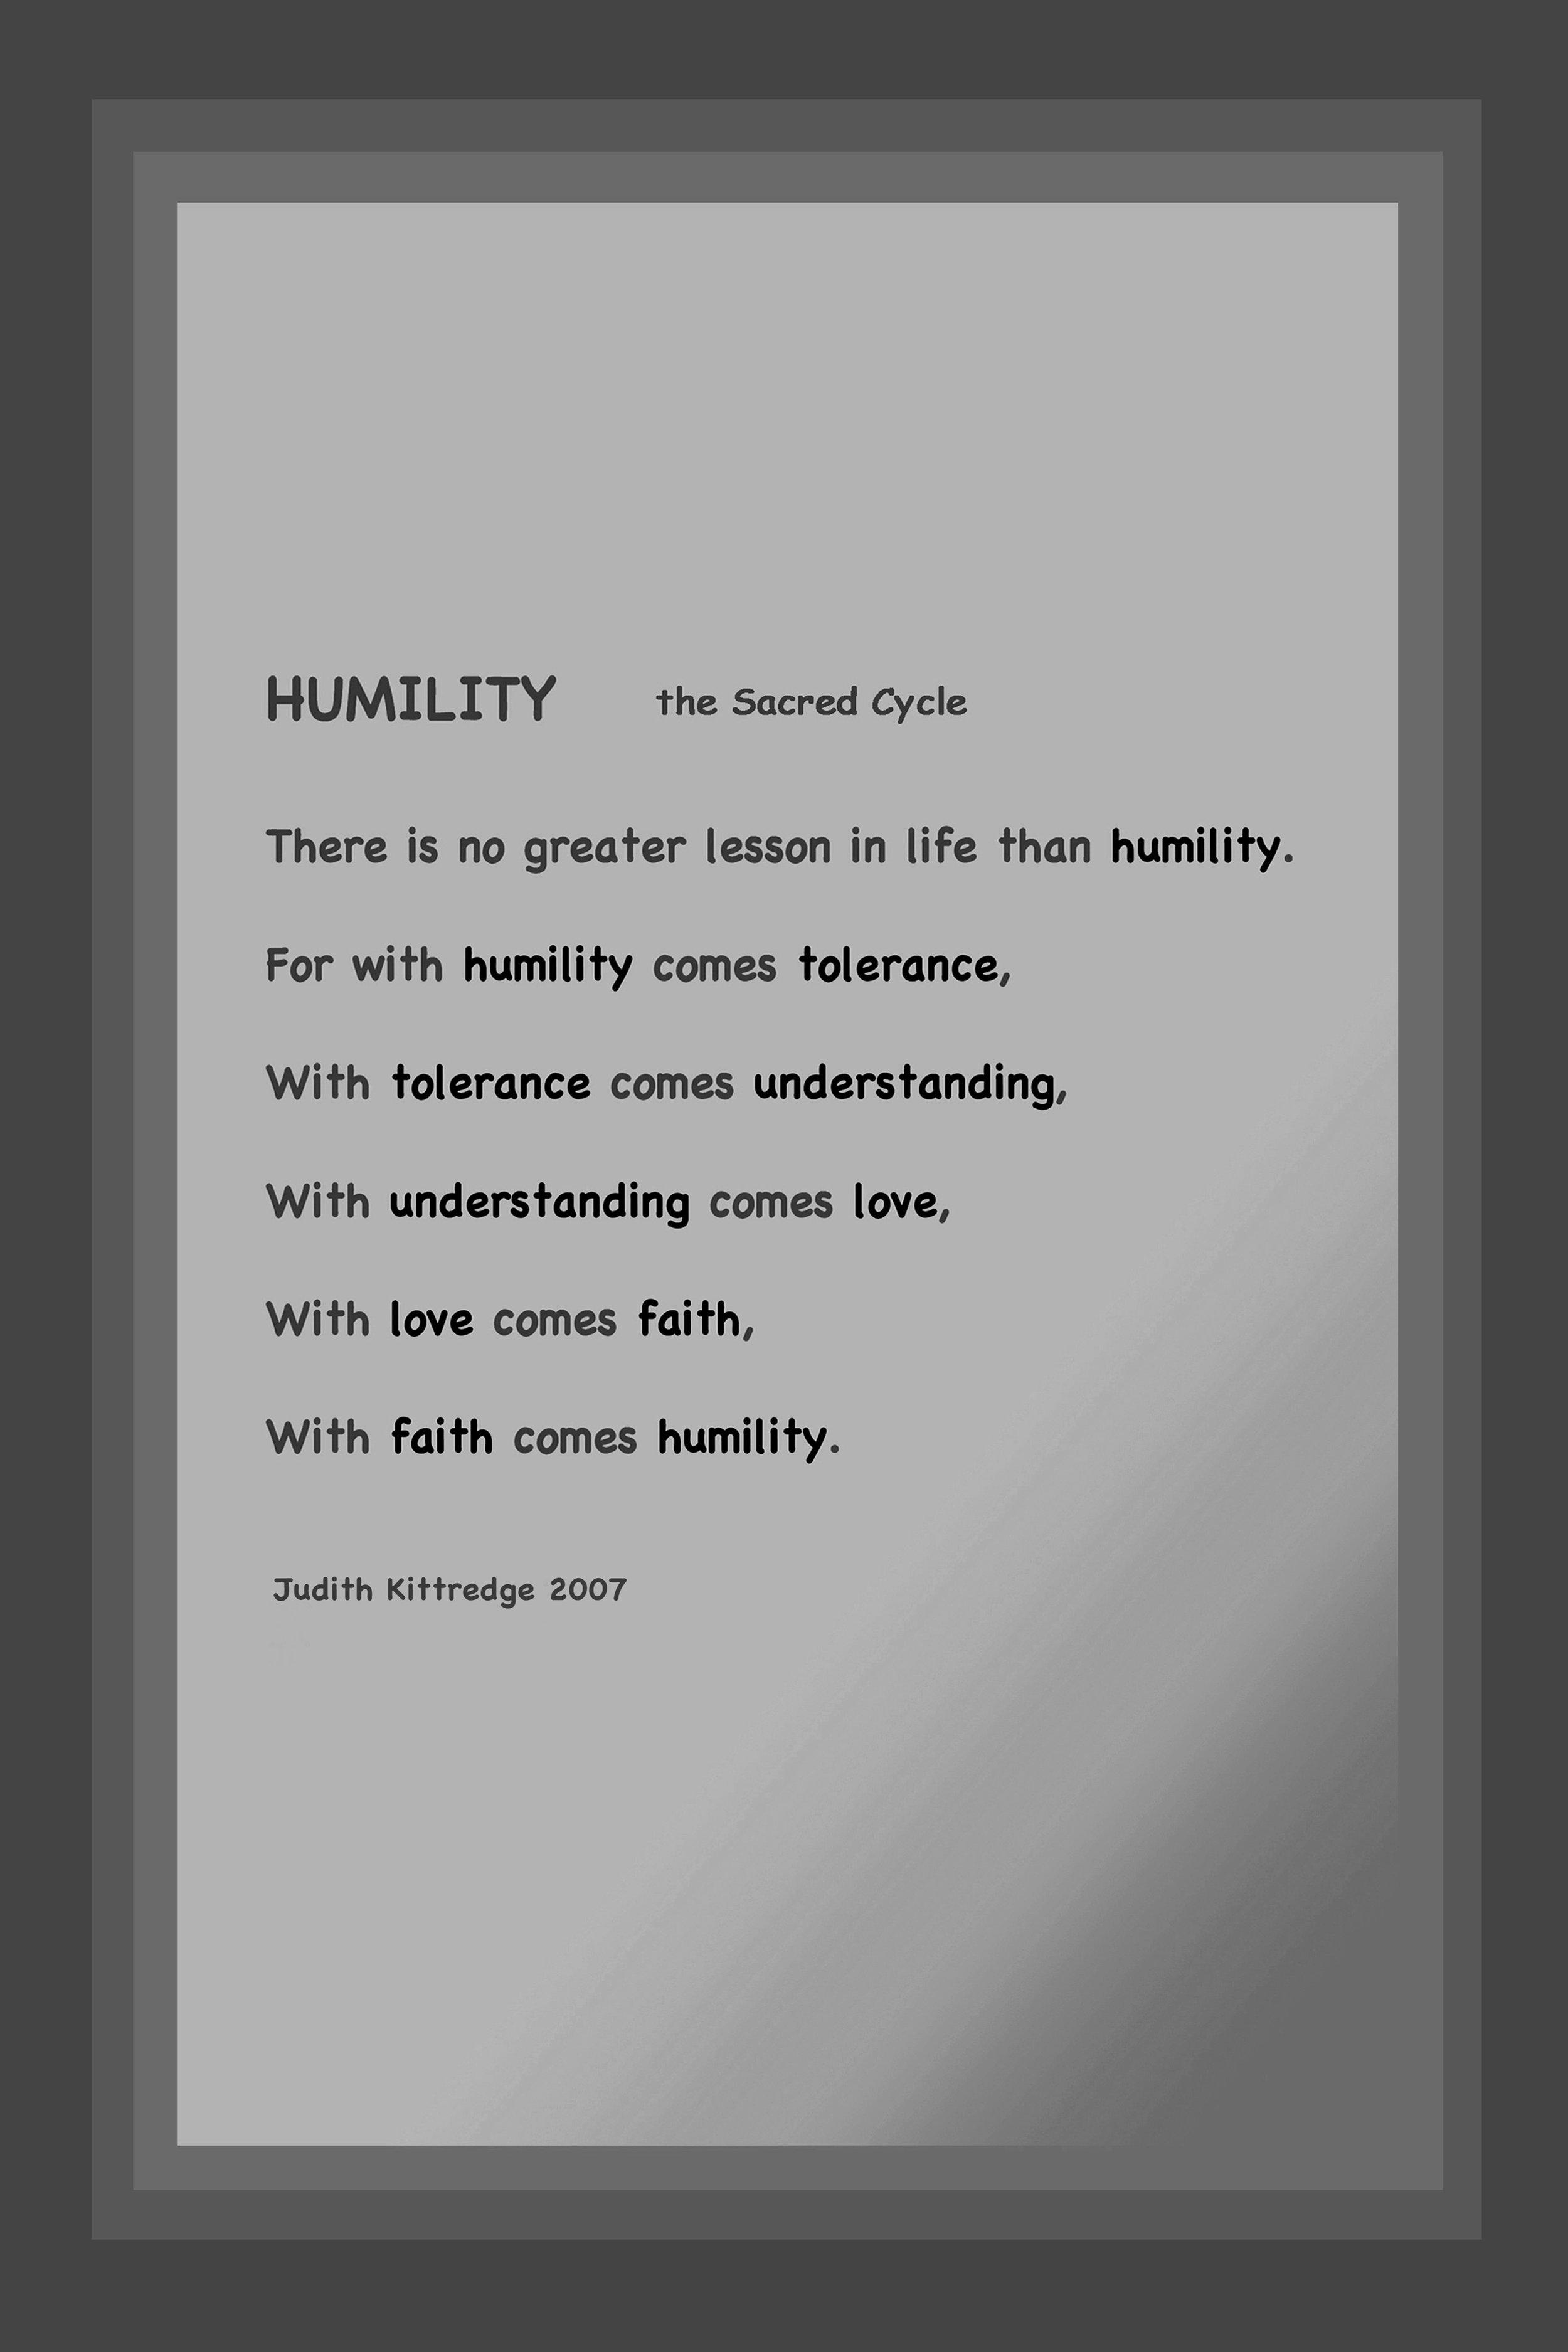 humility__black__white_by_jkittredge-d4lbvj7.jpg